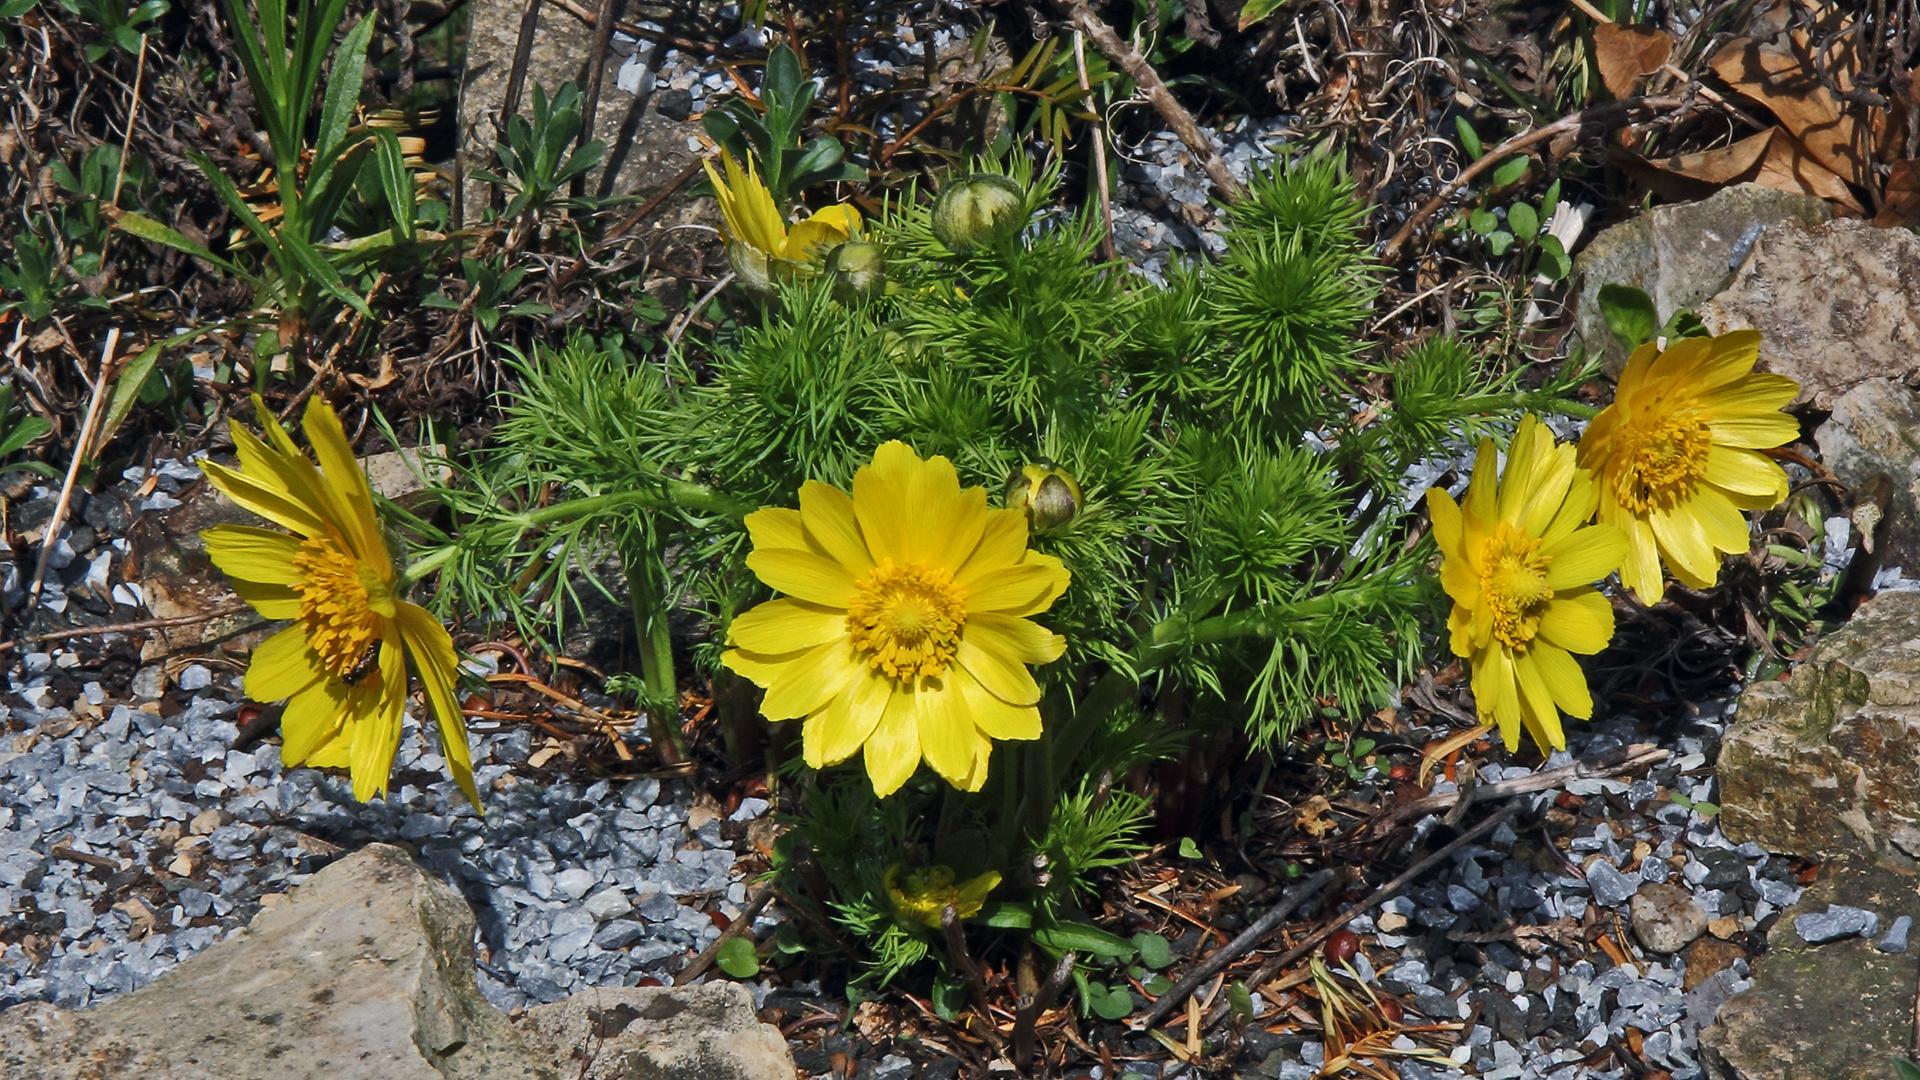 12 Tage nach der schon gezeigten ersten Adonis vernalis Blüte...